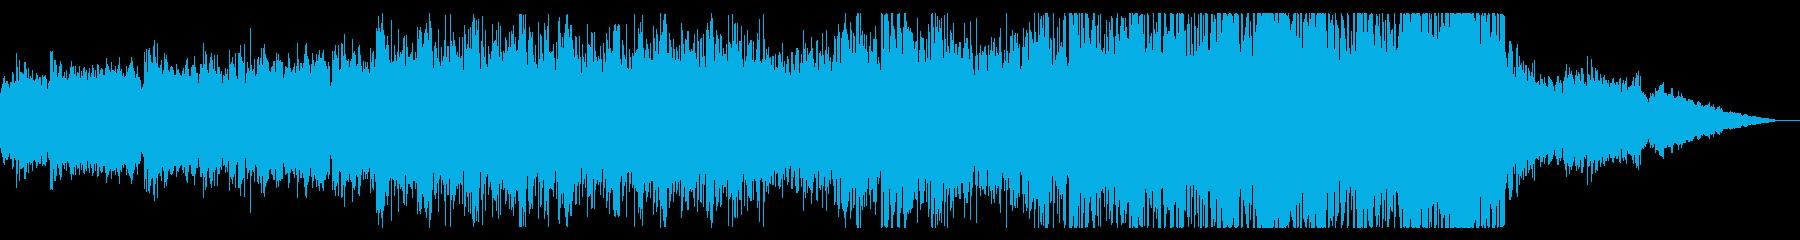 しっとりと落ち着いた雰囲気のEDMの再生済みの波形